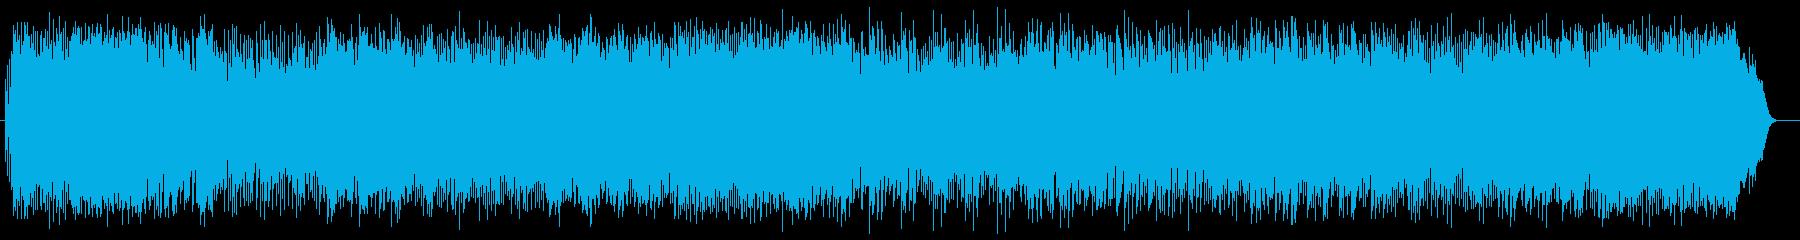 爽やかで疾走感のあるシンセサウンドの再生済みの波形